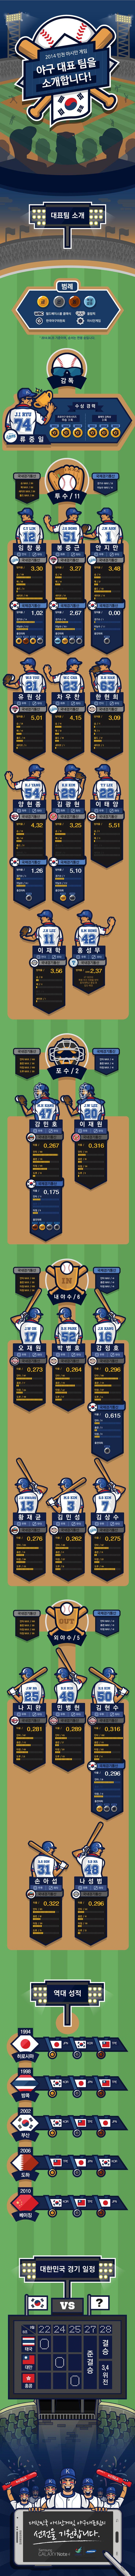 대한민국 인천아시안게임 야구대표팀 소개 및 일정에 관한 인포그래픽